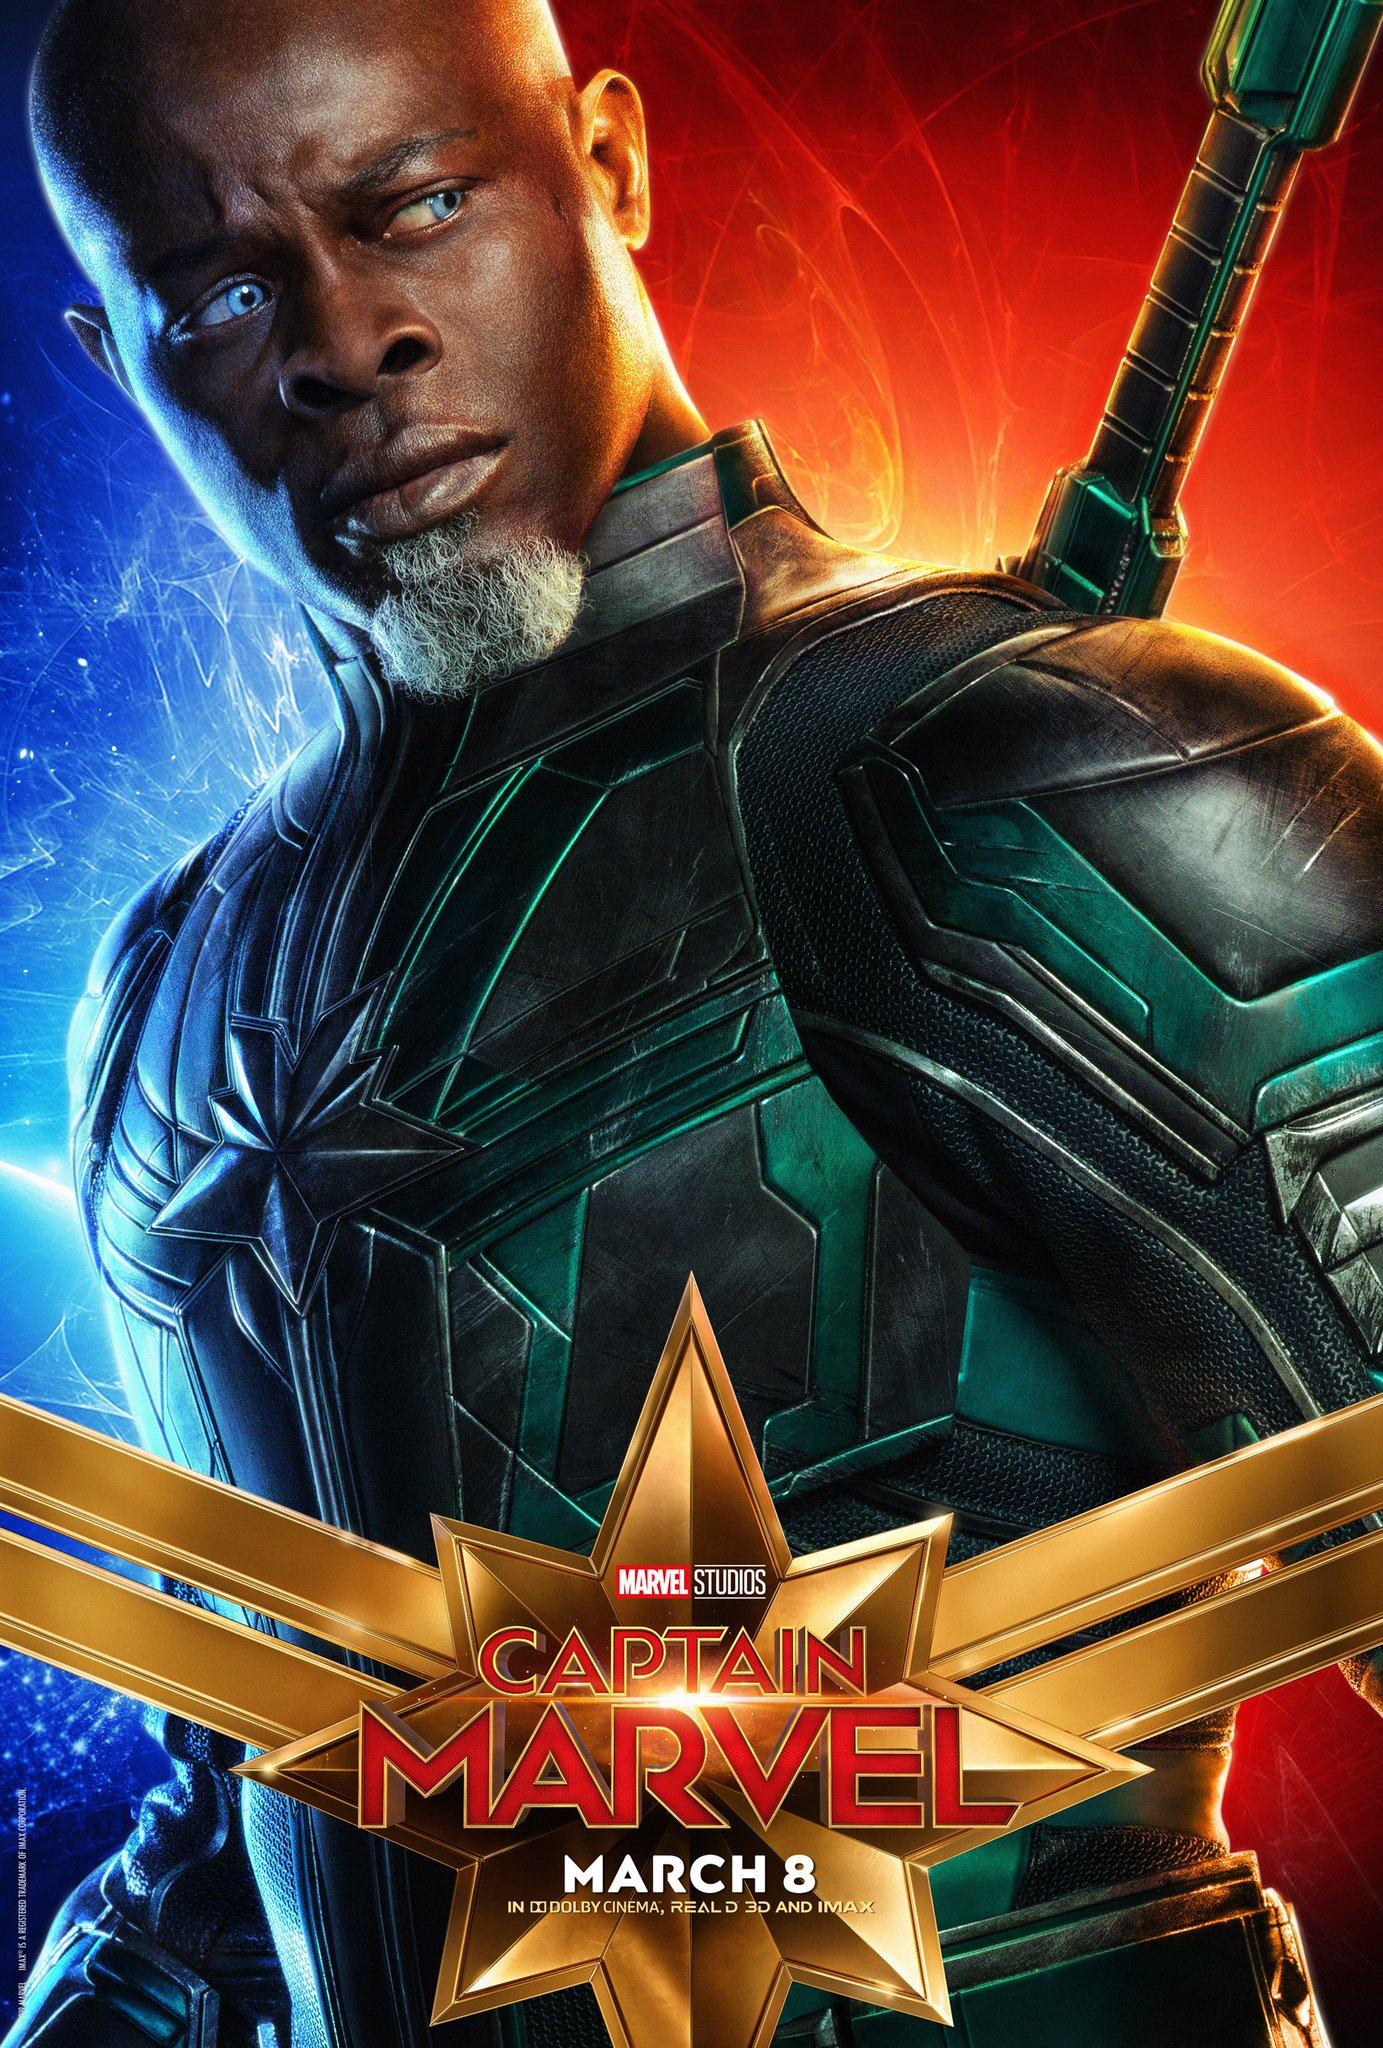 Captain Marvel Character Poster - Djimon Honsou Korath